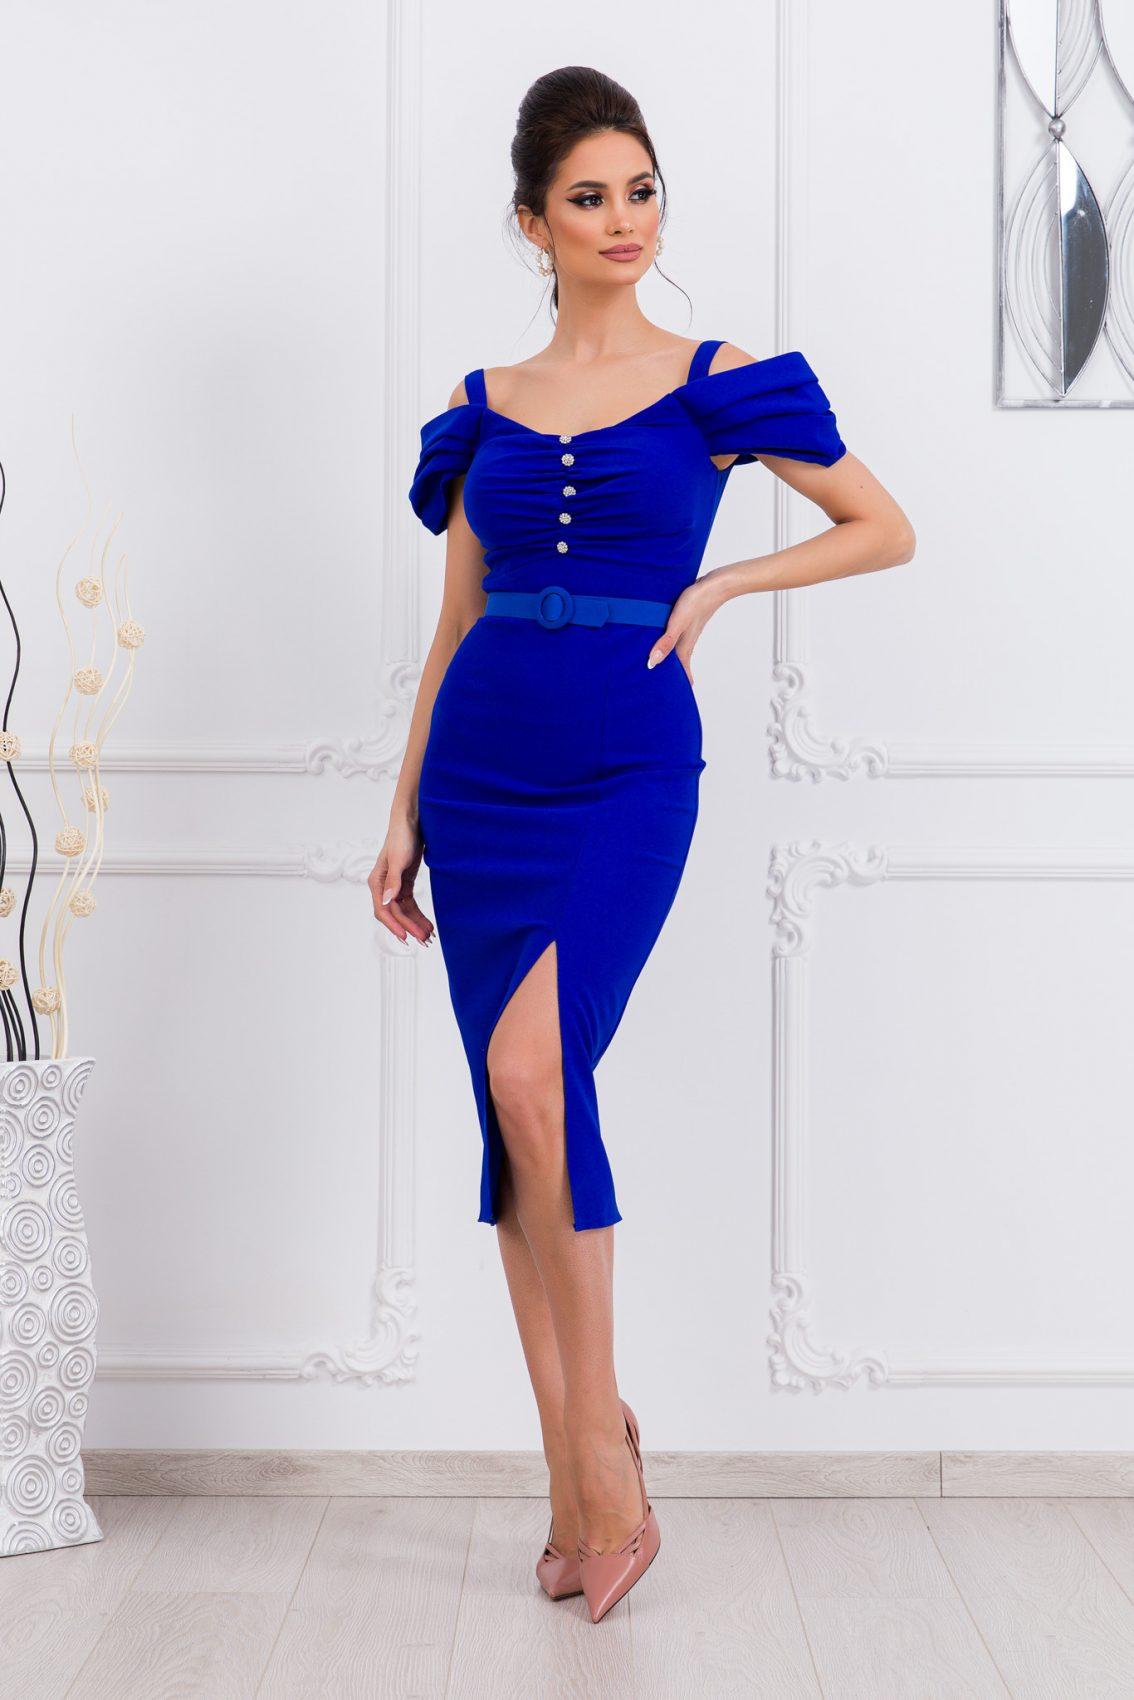 Μπλε Ρουά Μίντι Φόρεμα Anelle 9673 1